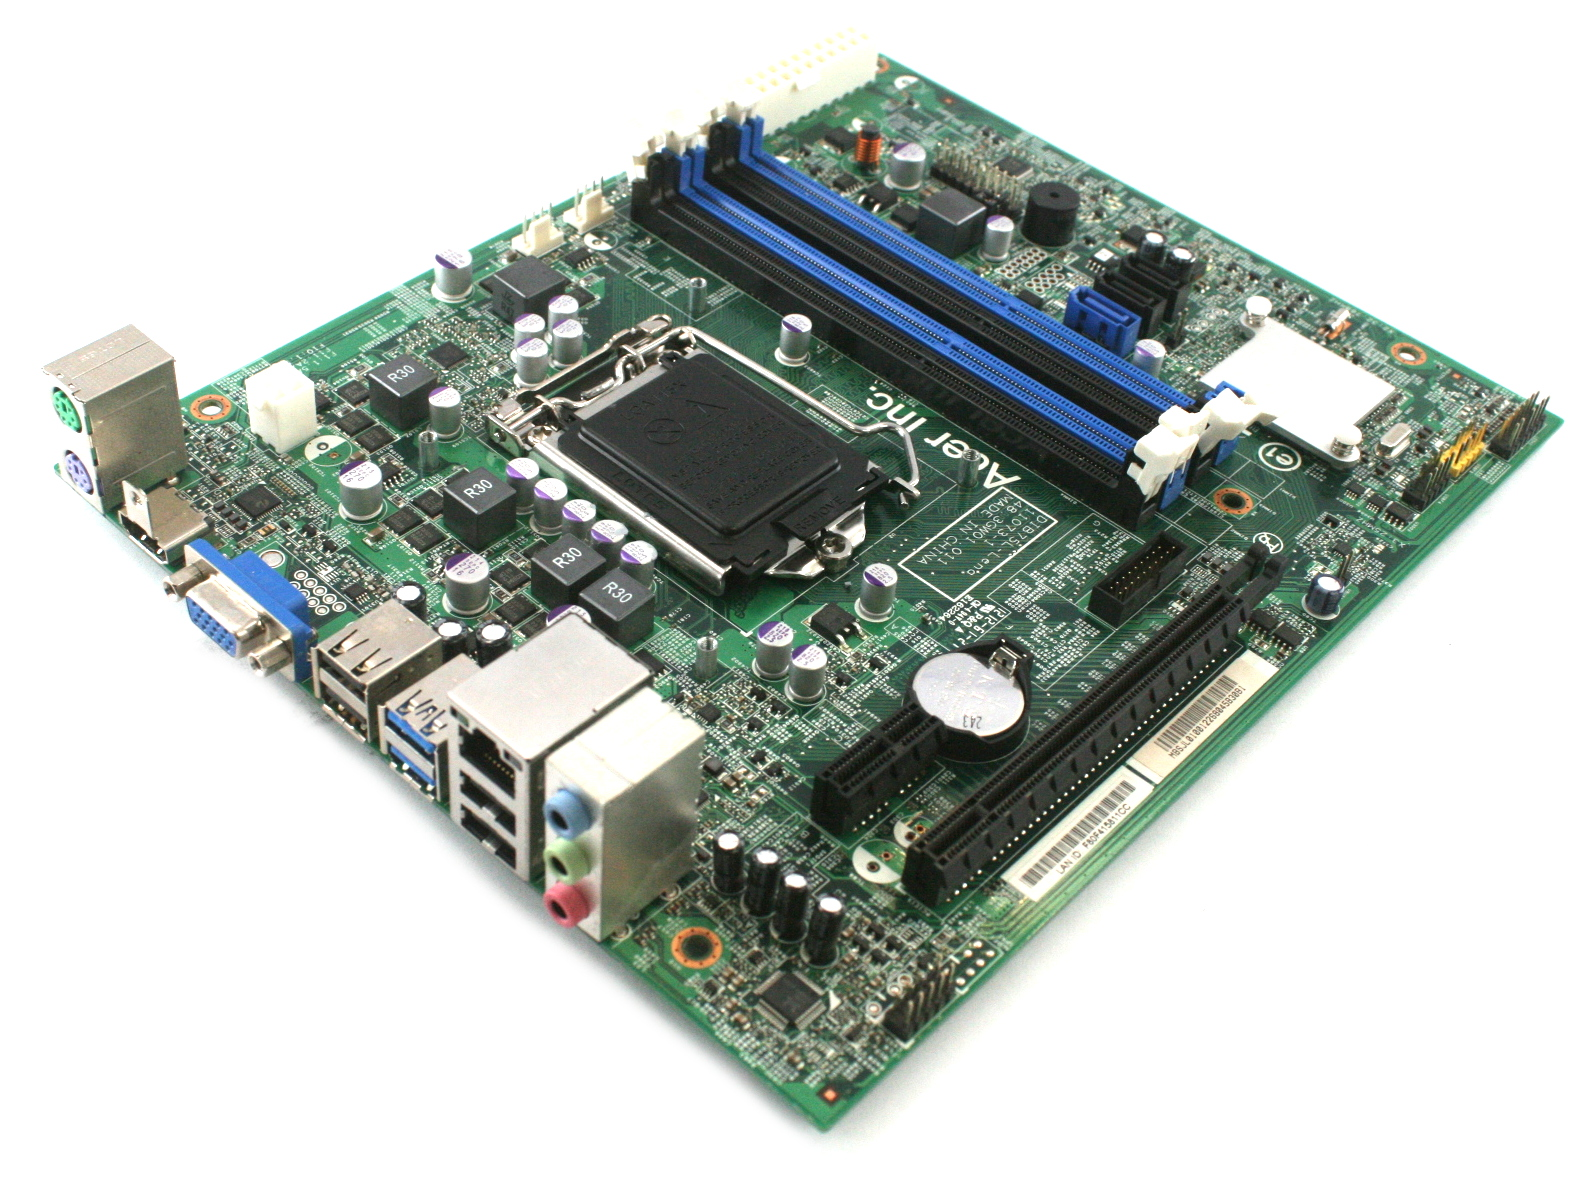 Acer MB.SJL01.001 Socket LGA1155 DIB75L-Lena Motherboard - 48.3GW01.011